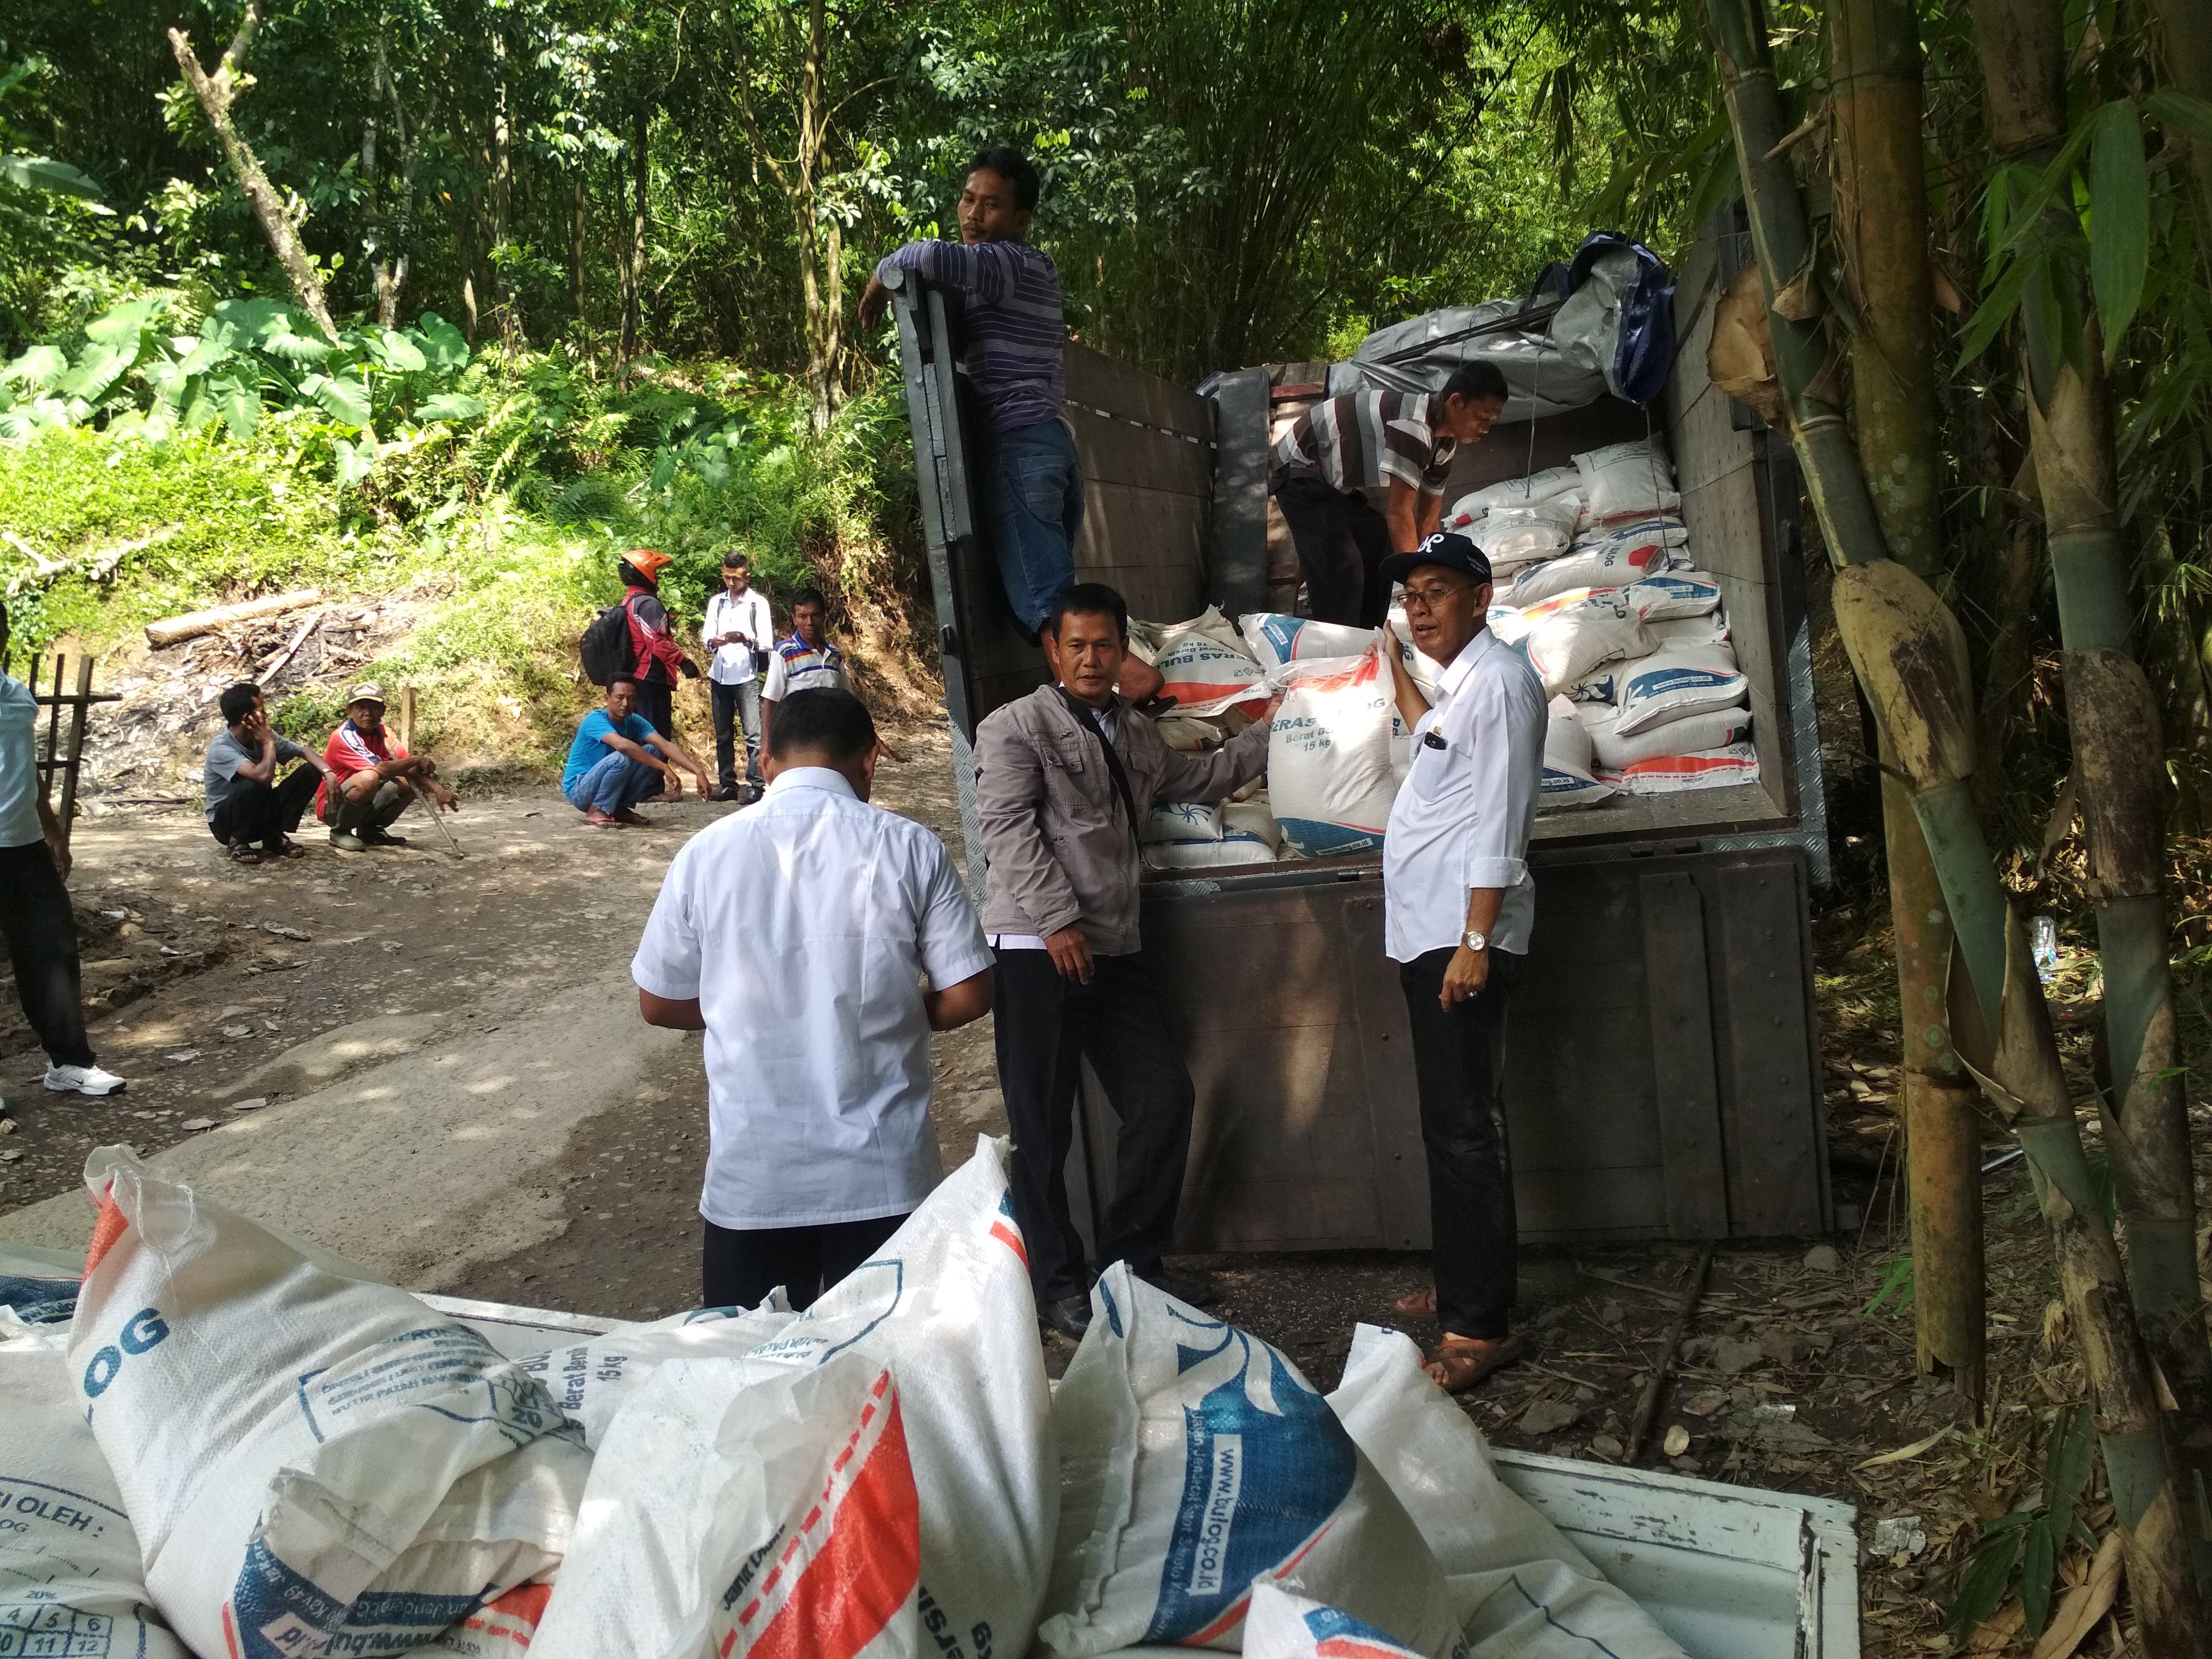 Penyaluran bantuan CPPD di Kec. Sukajaya yang diikuti langsung oleh Kepala Dinas Ketahanan Pangan Kab. Bogor